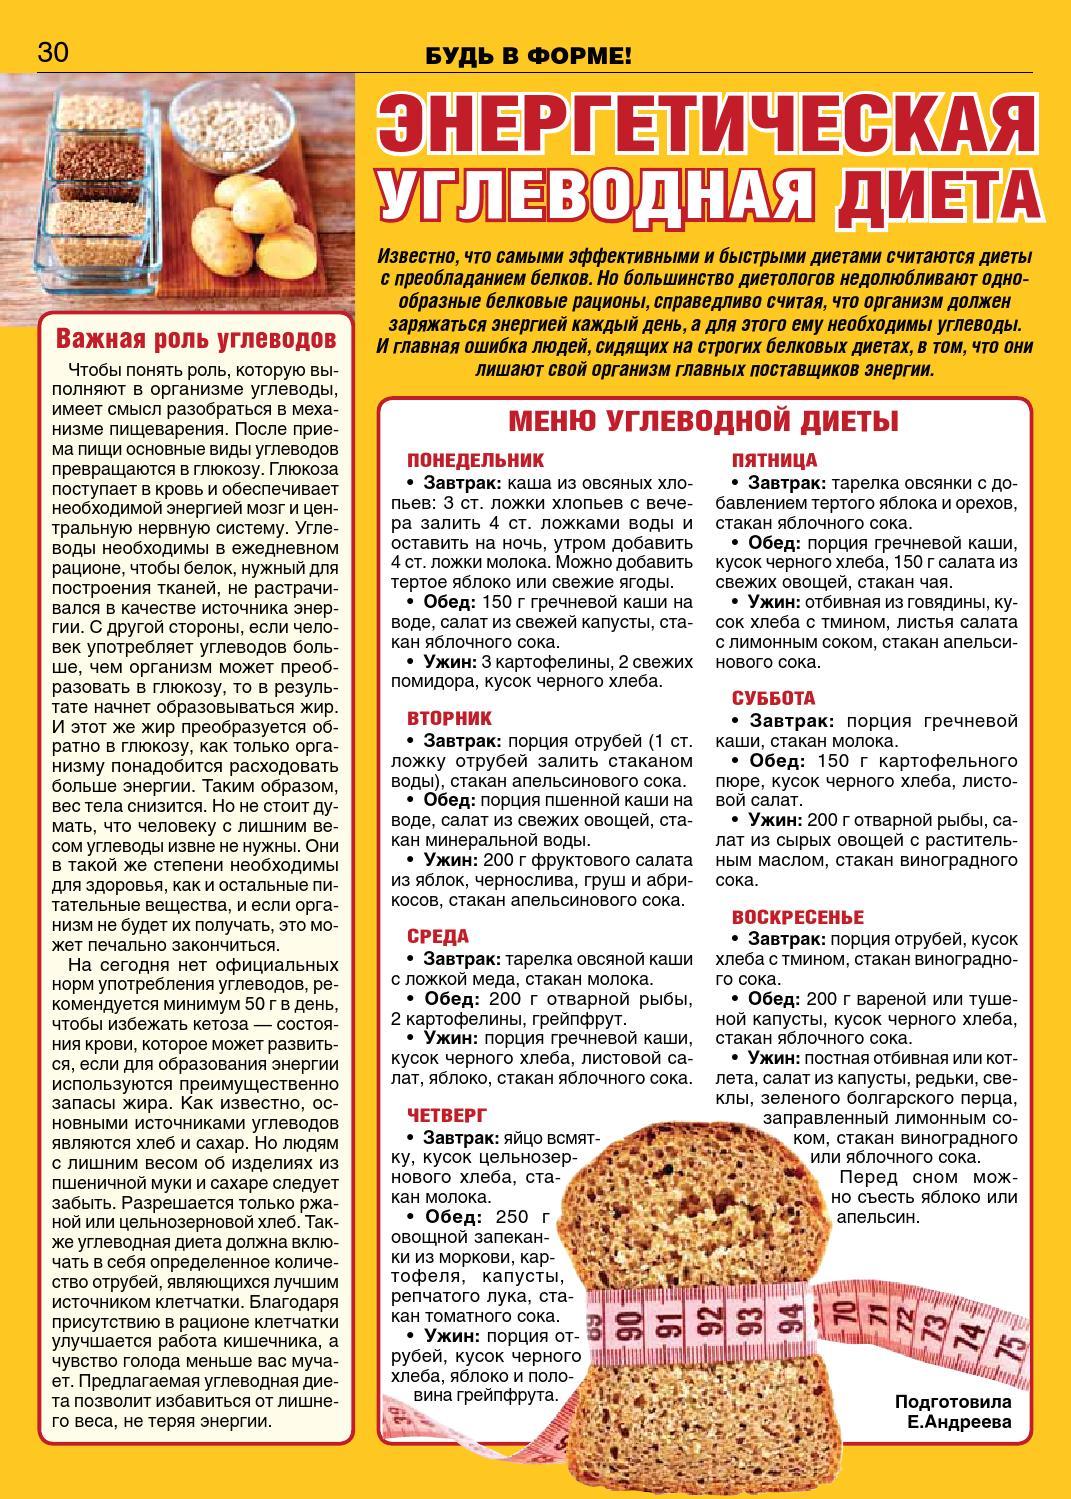 Пример безуглеводной диеты